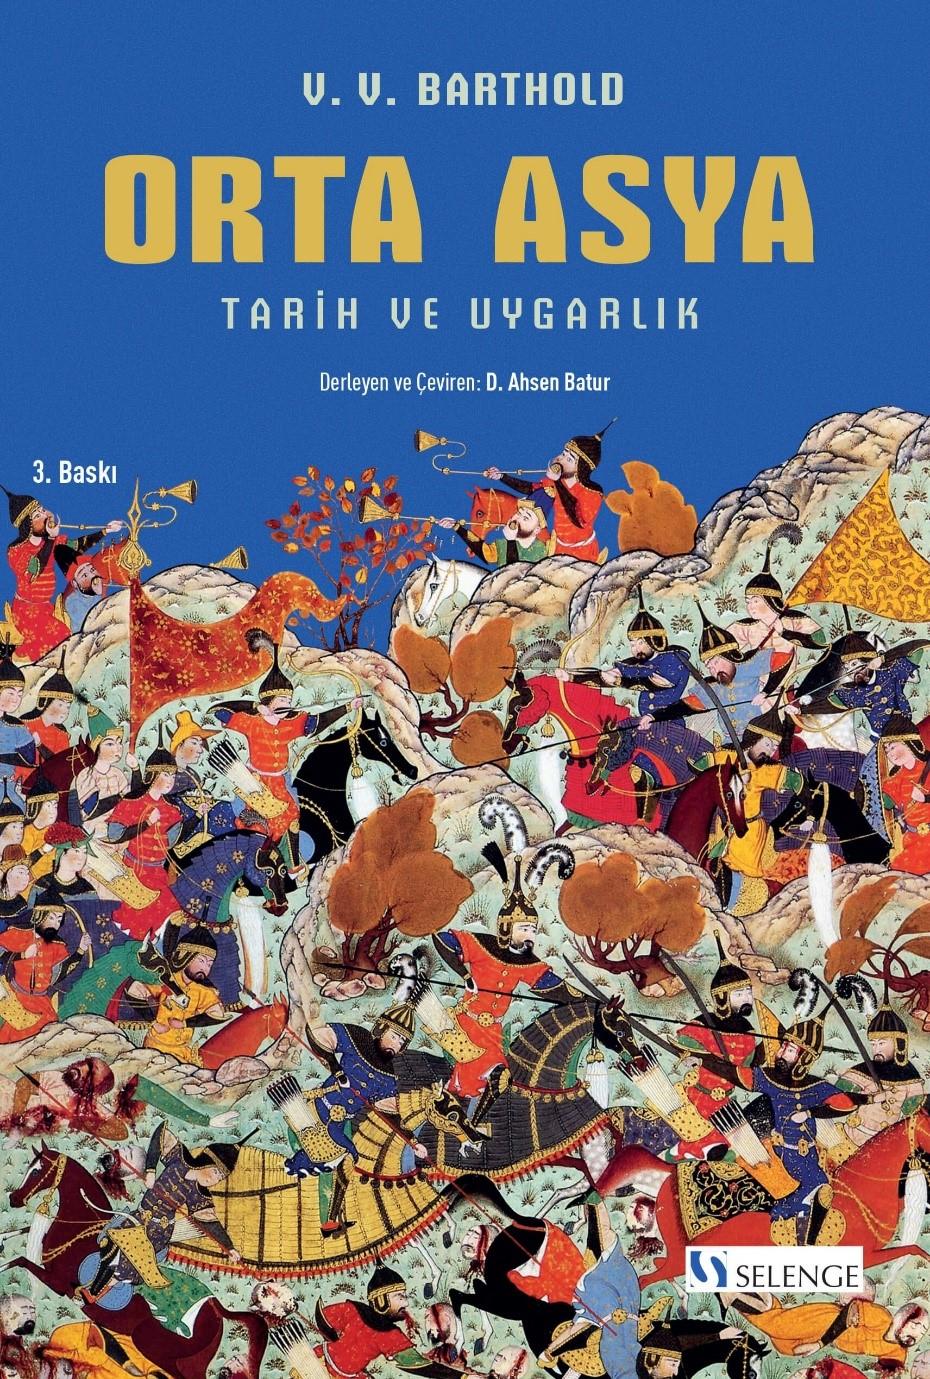 Orta Asya & Tarih ve Uygarlık